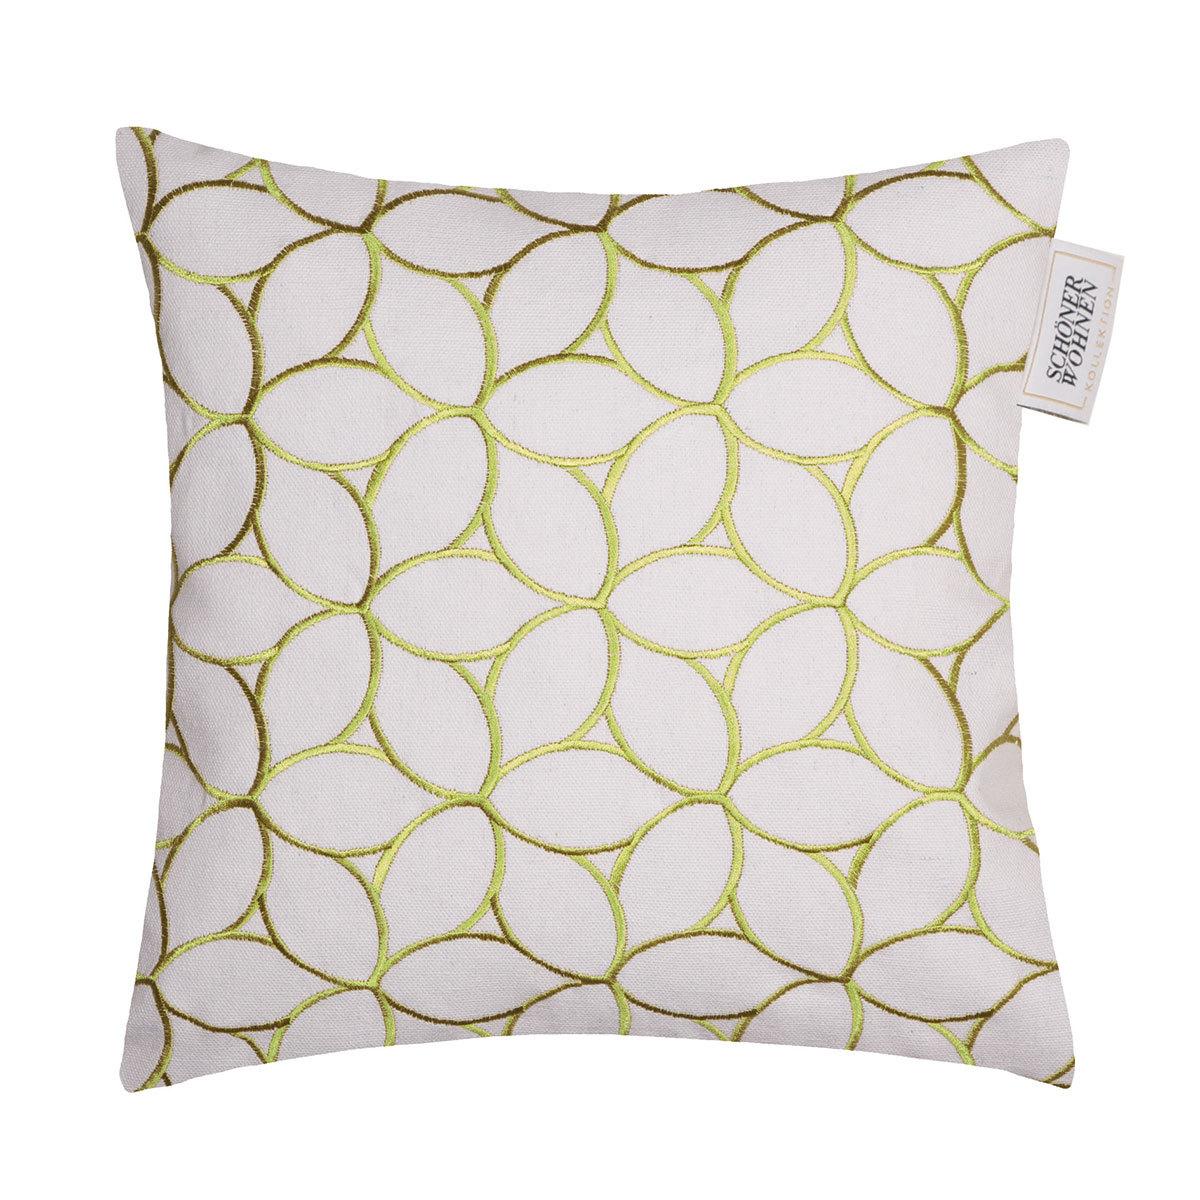 sch ner wohnen kissenh lle flor g nstig online kaufen bei. Black Bedroom Furniture Sets. Home Design Ideas